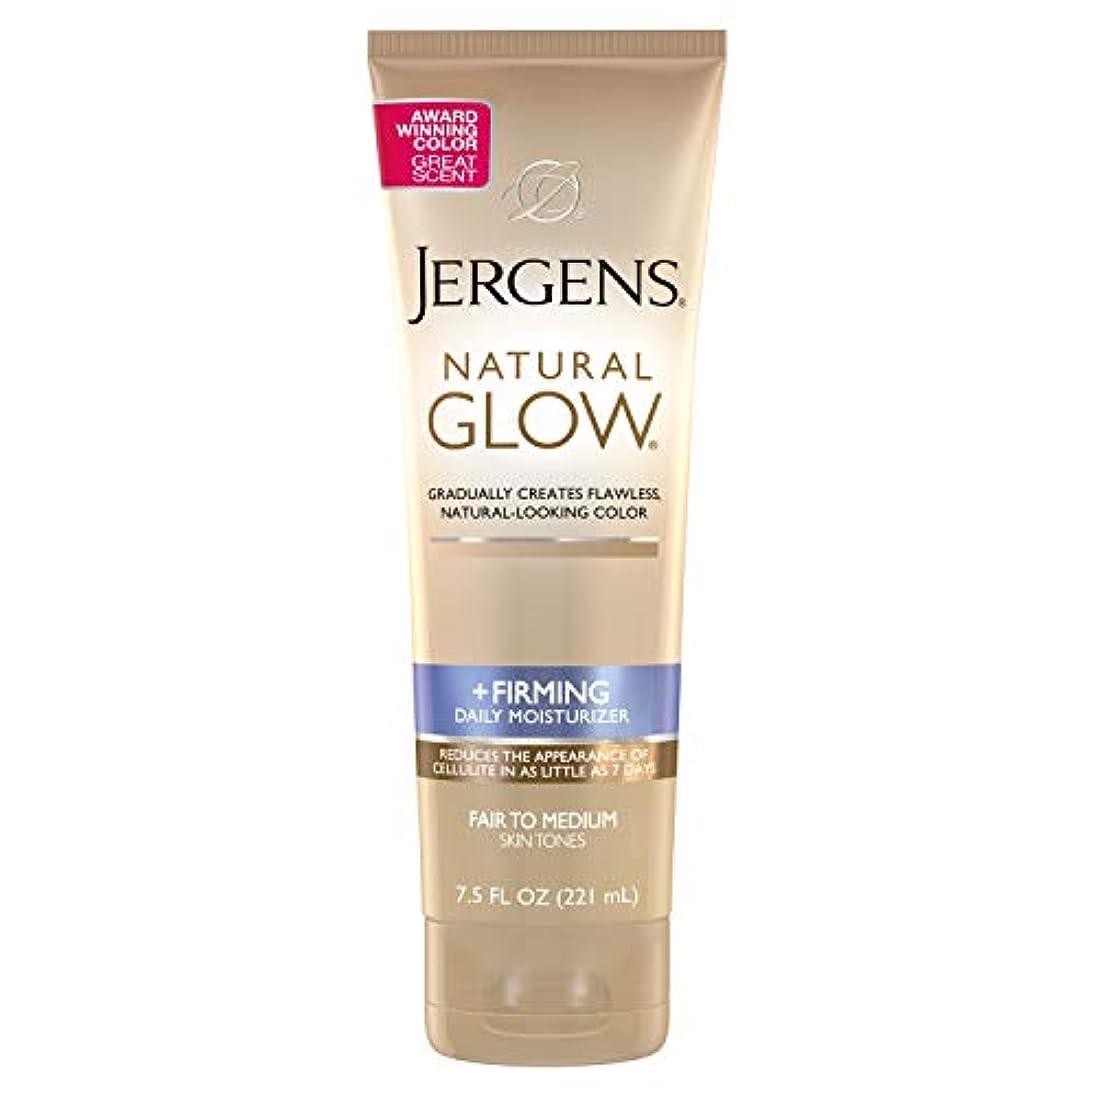 キッチン殺人者爆発するNatural Glow Firming Moisturizer for Fair to Mediu Jergens 7.5 oz Moisturizer For Unisex (並行輸入品)